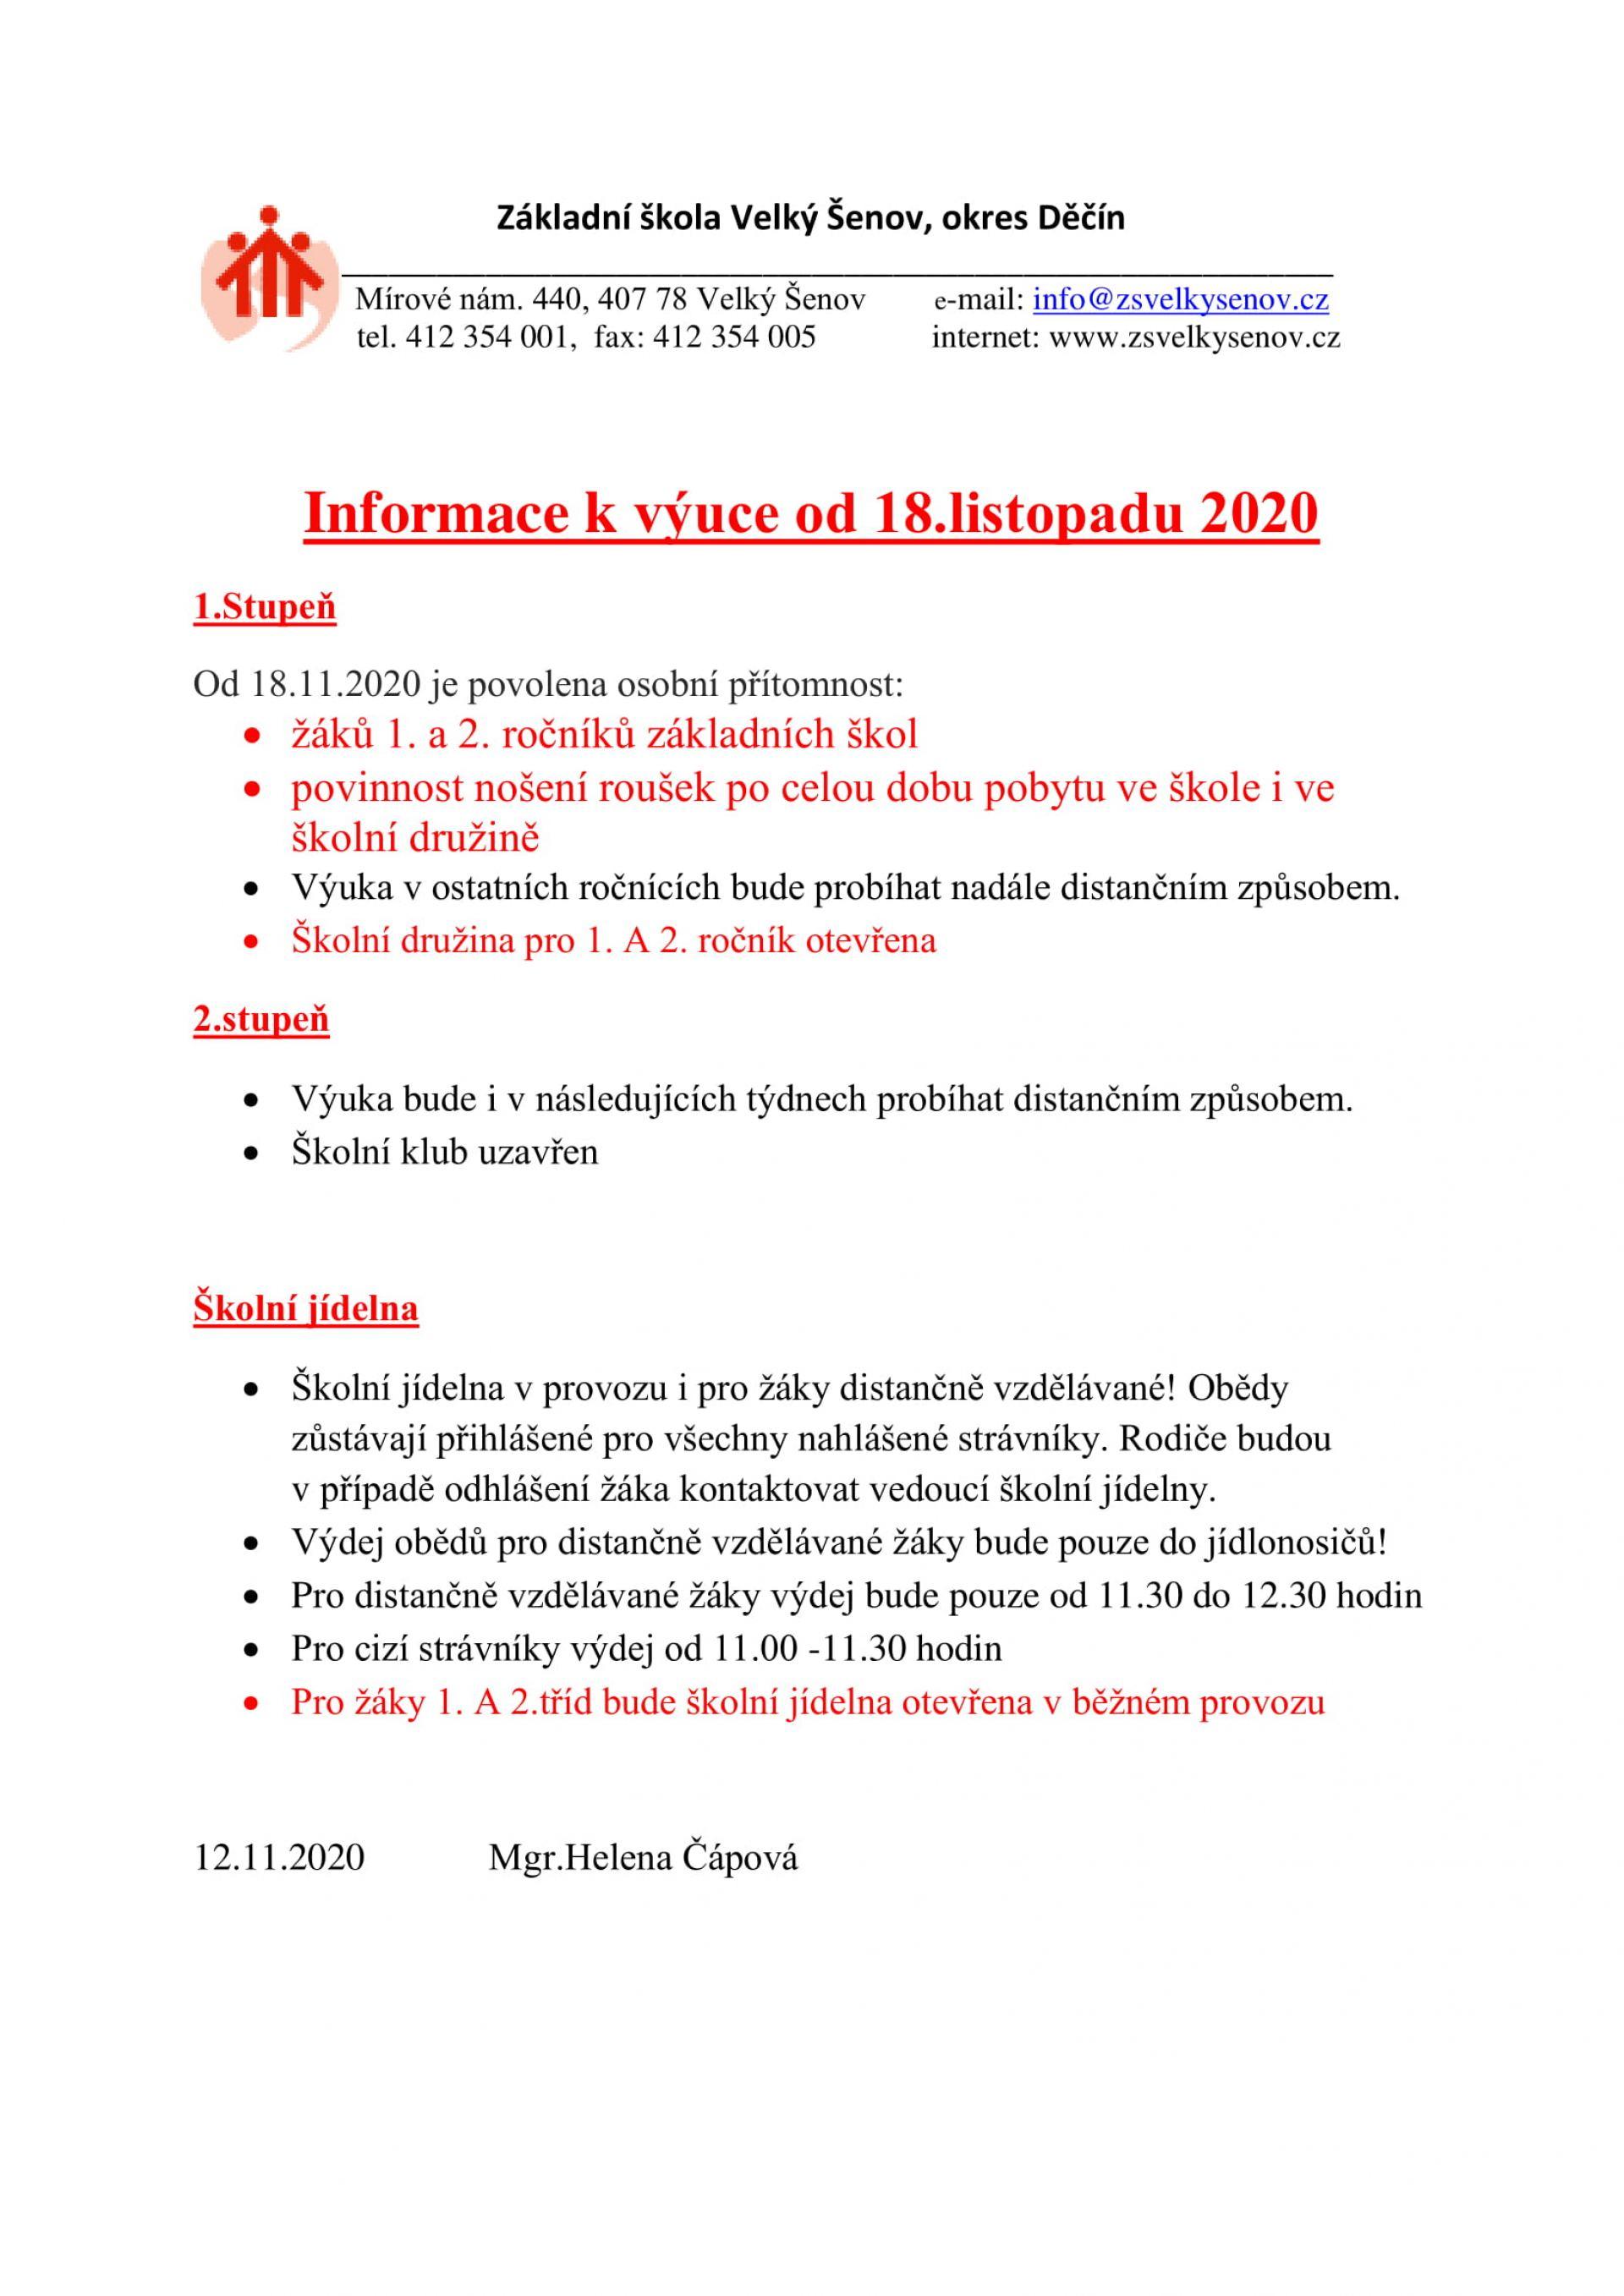 Informace k výuce od 18.11.2020